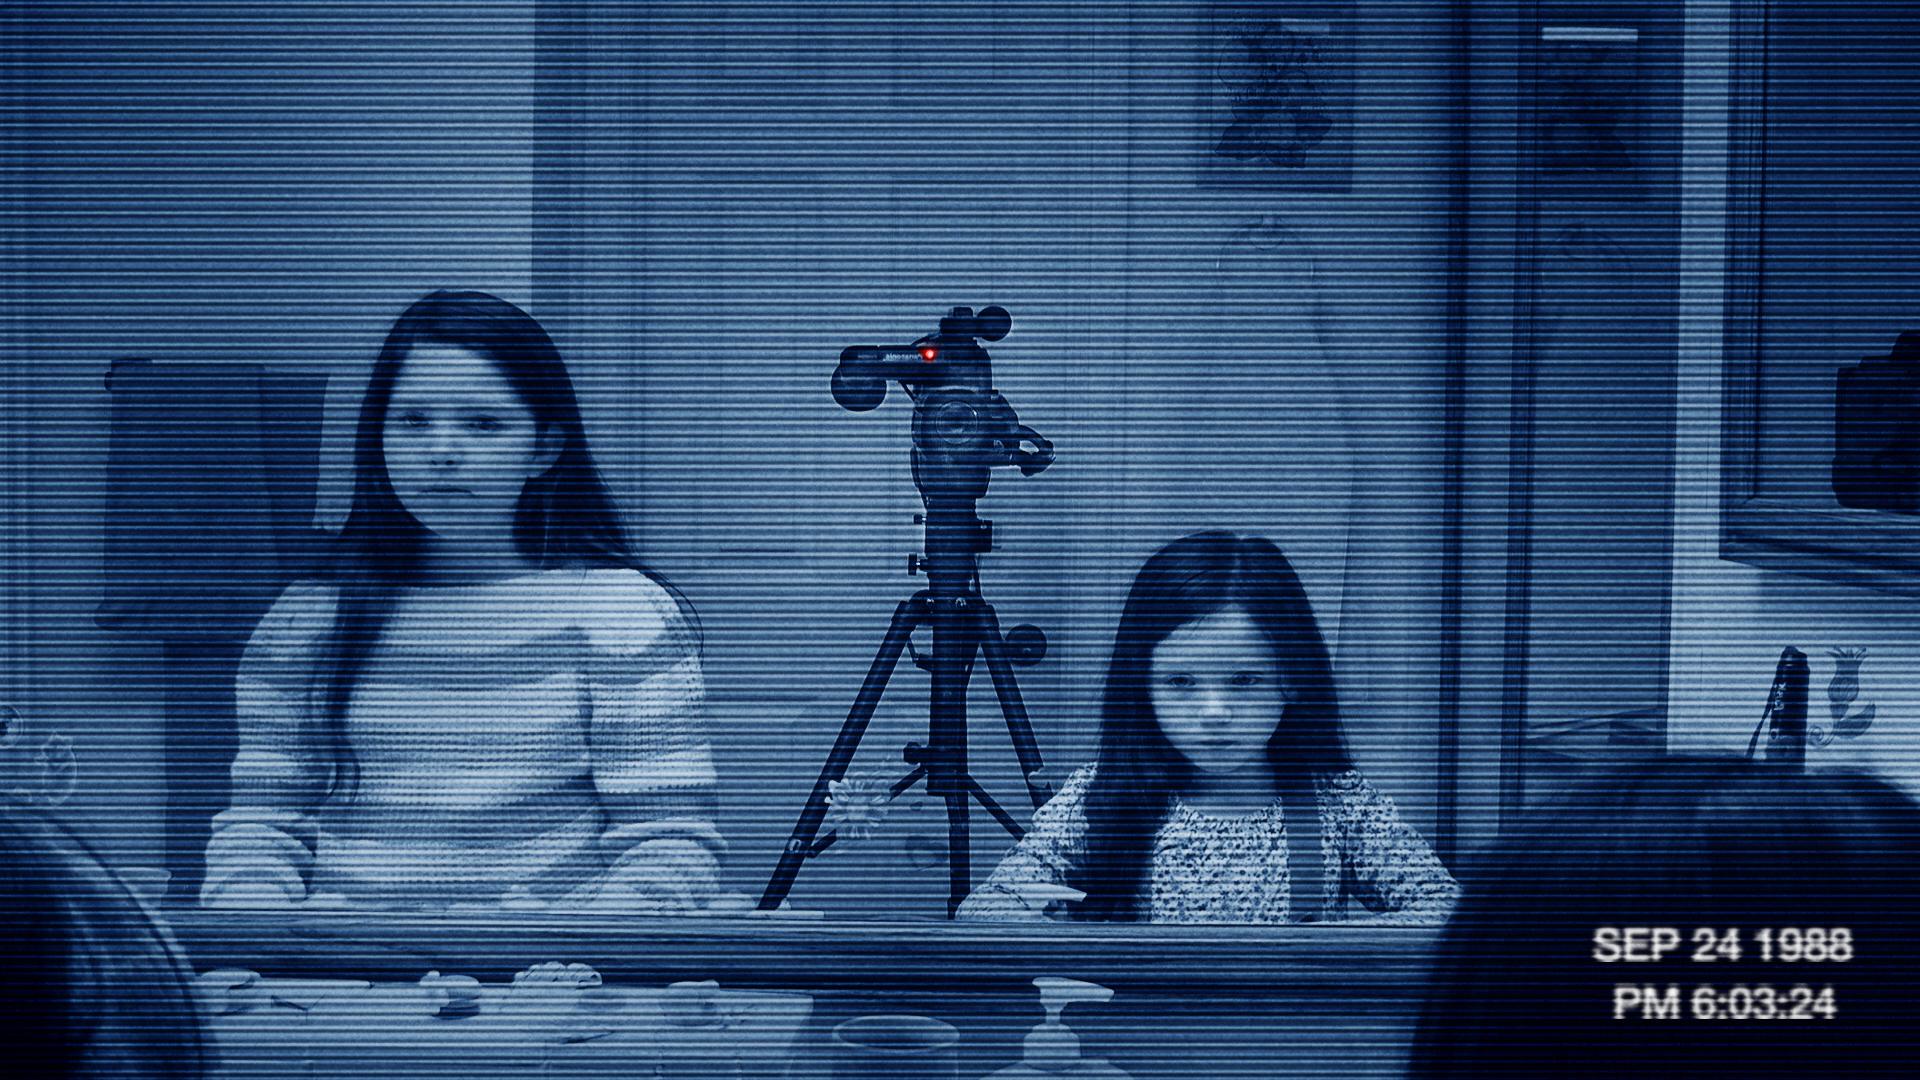 кадры из фильма Паранормальное явление 3